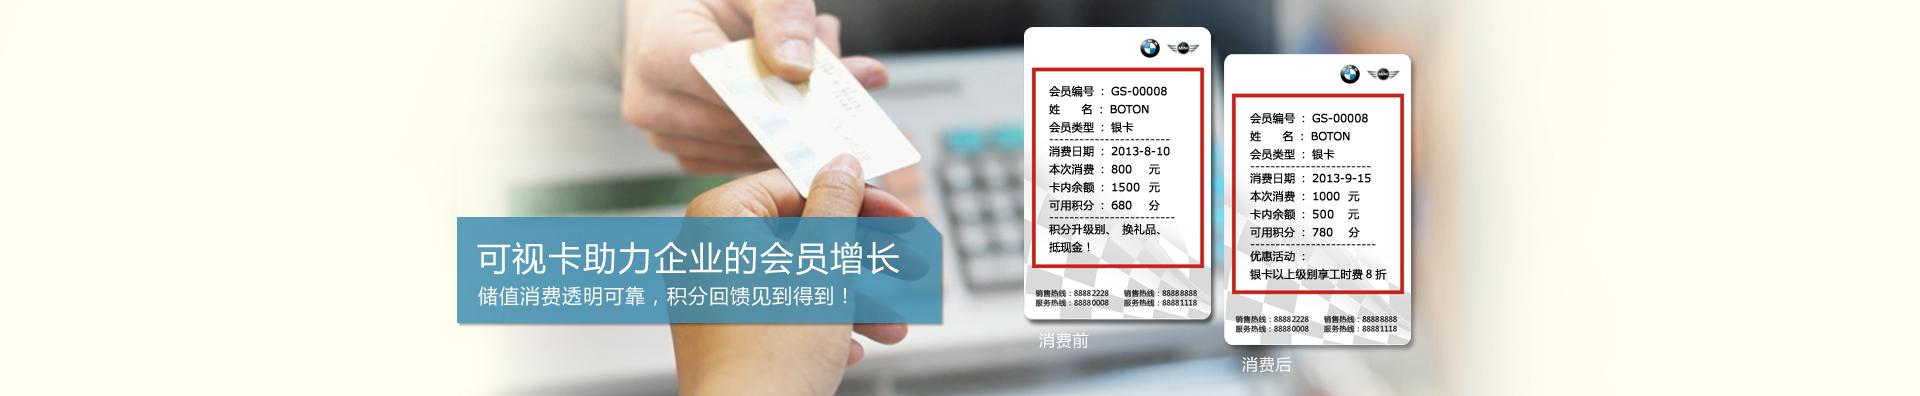 可视卡提升品牌价值,培养客户忠诚